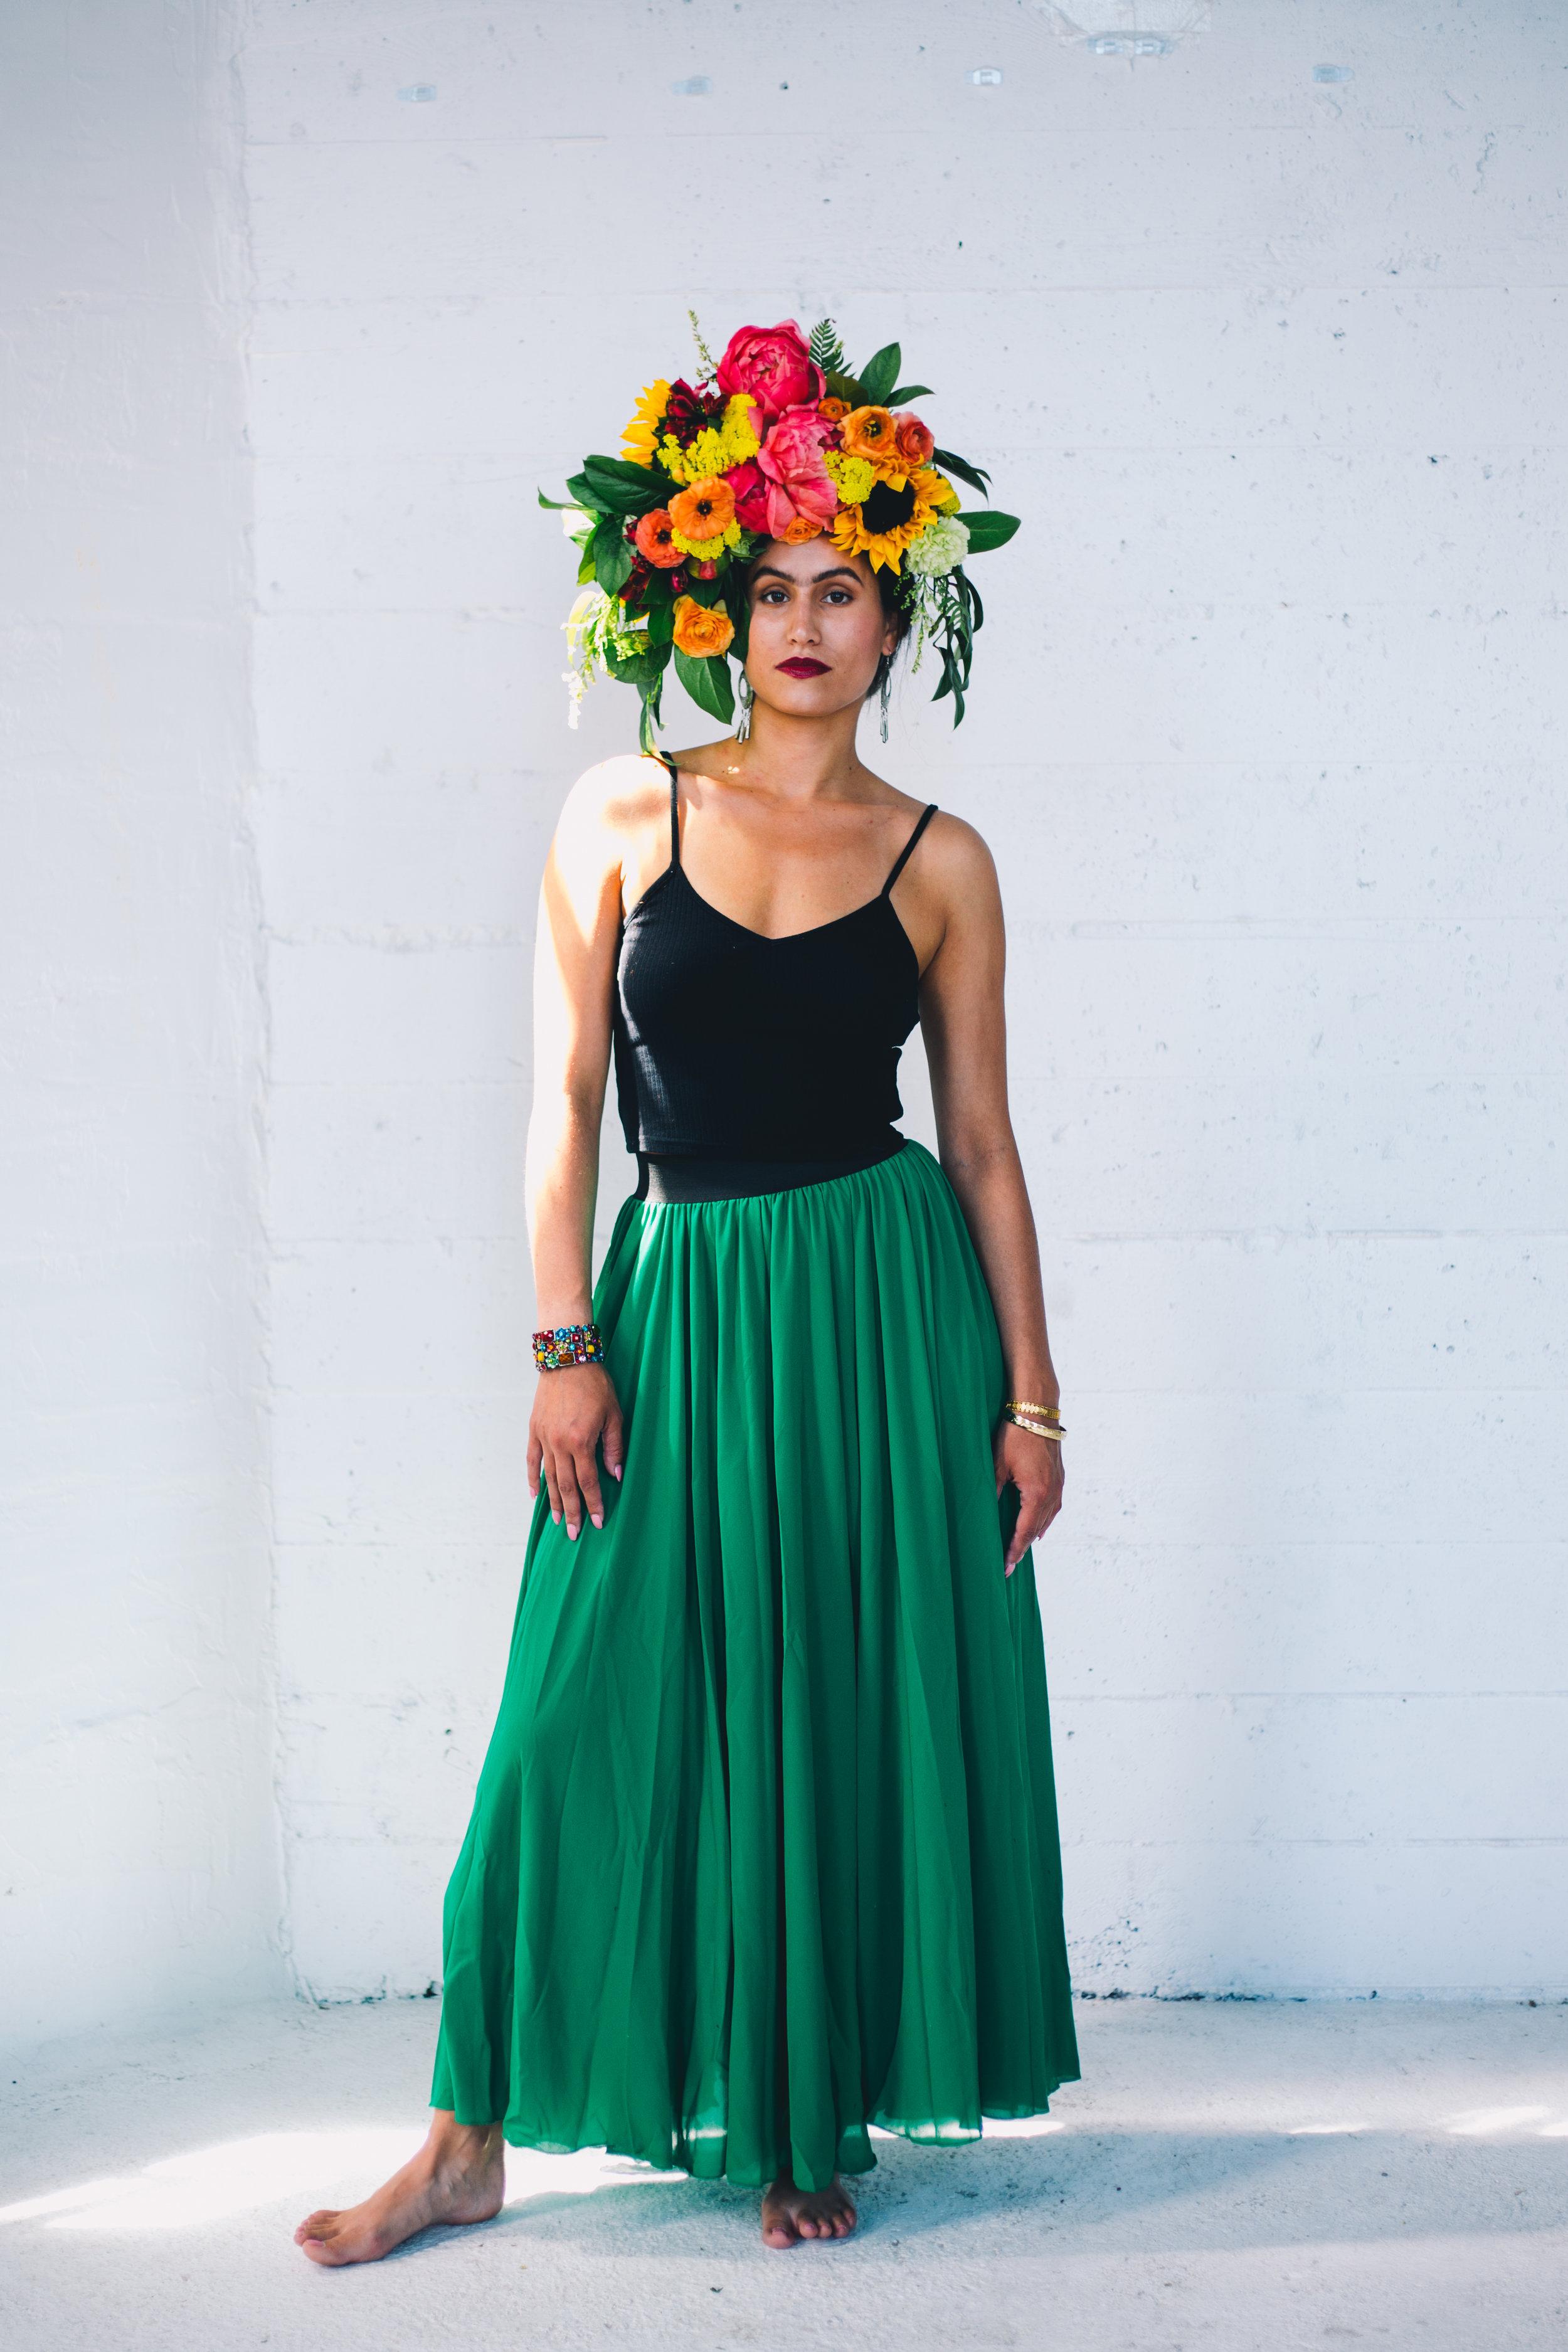 FridaKahlo-170.jpg